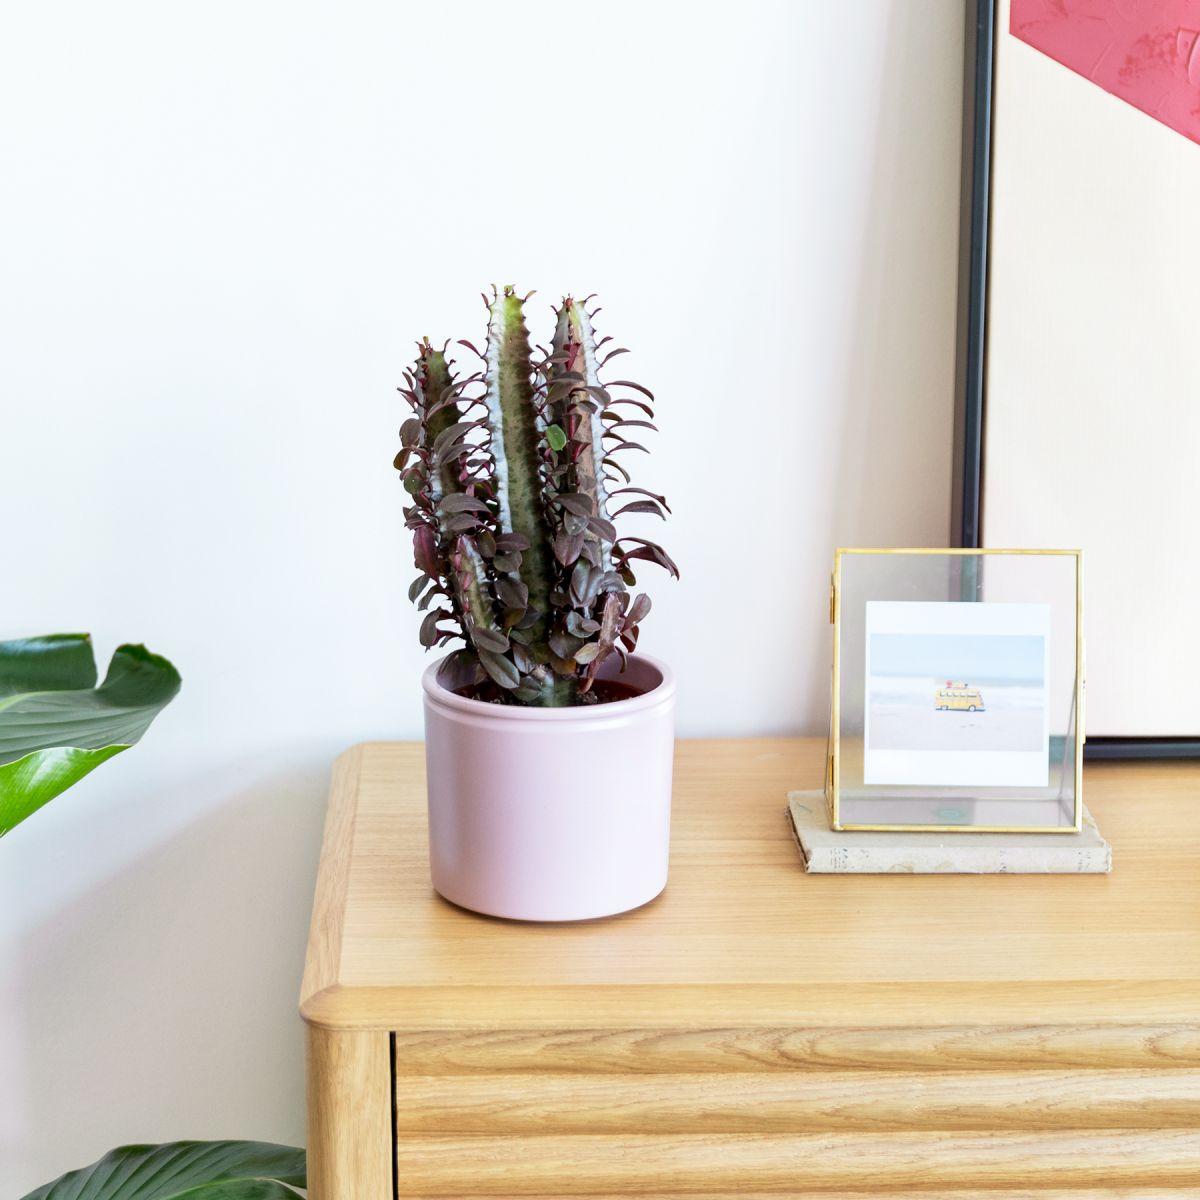 Pianta Euphorbia trigona -  Ennio - Piante a domicilio - Colvin